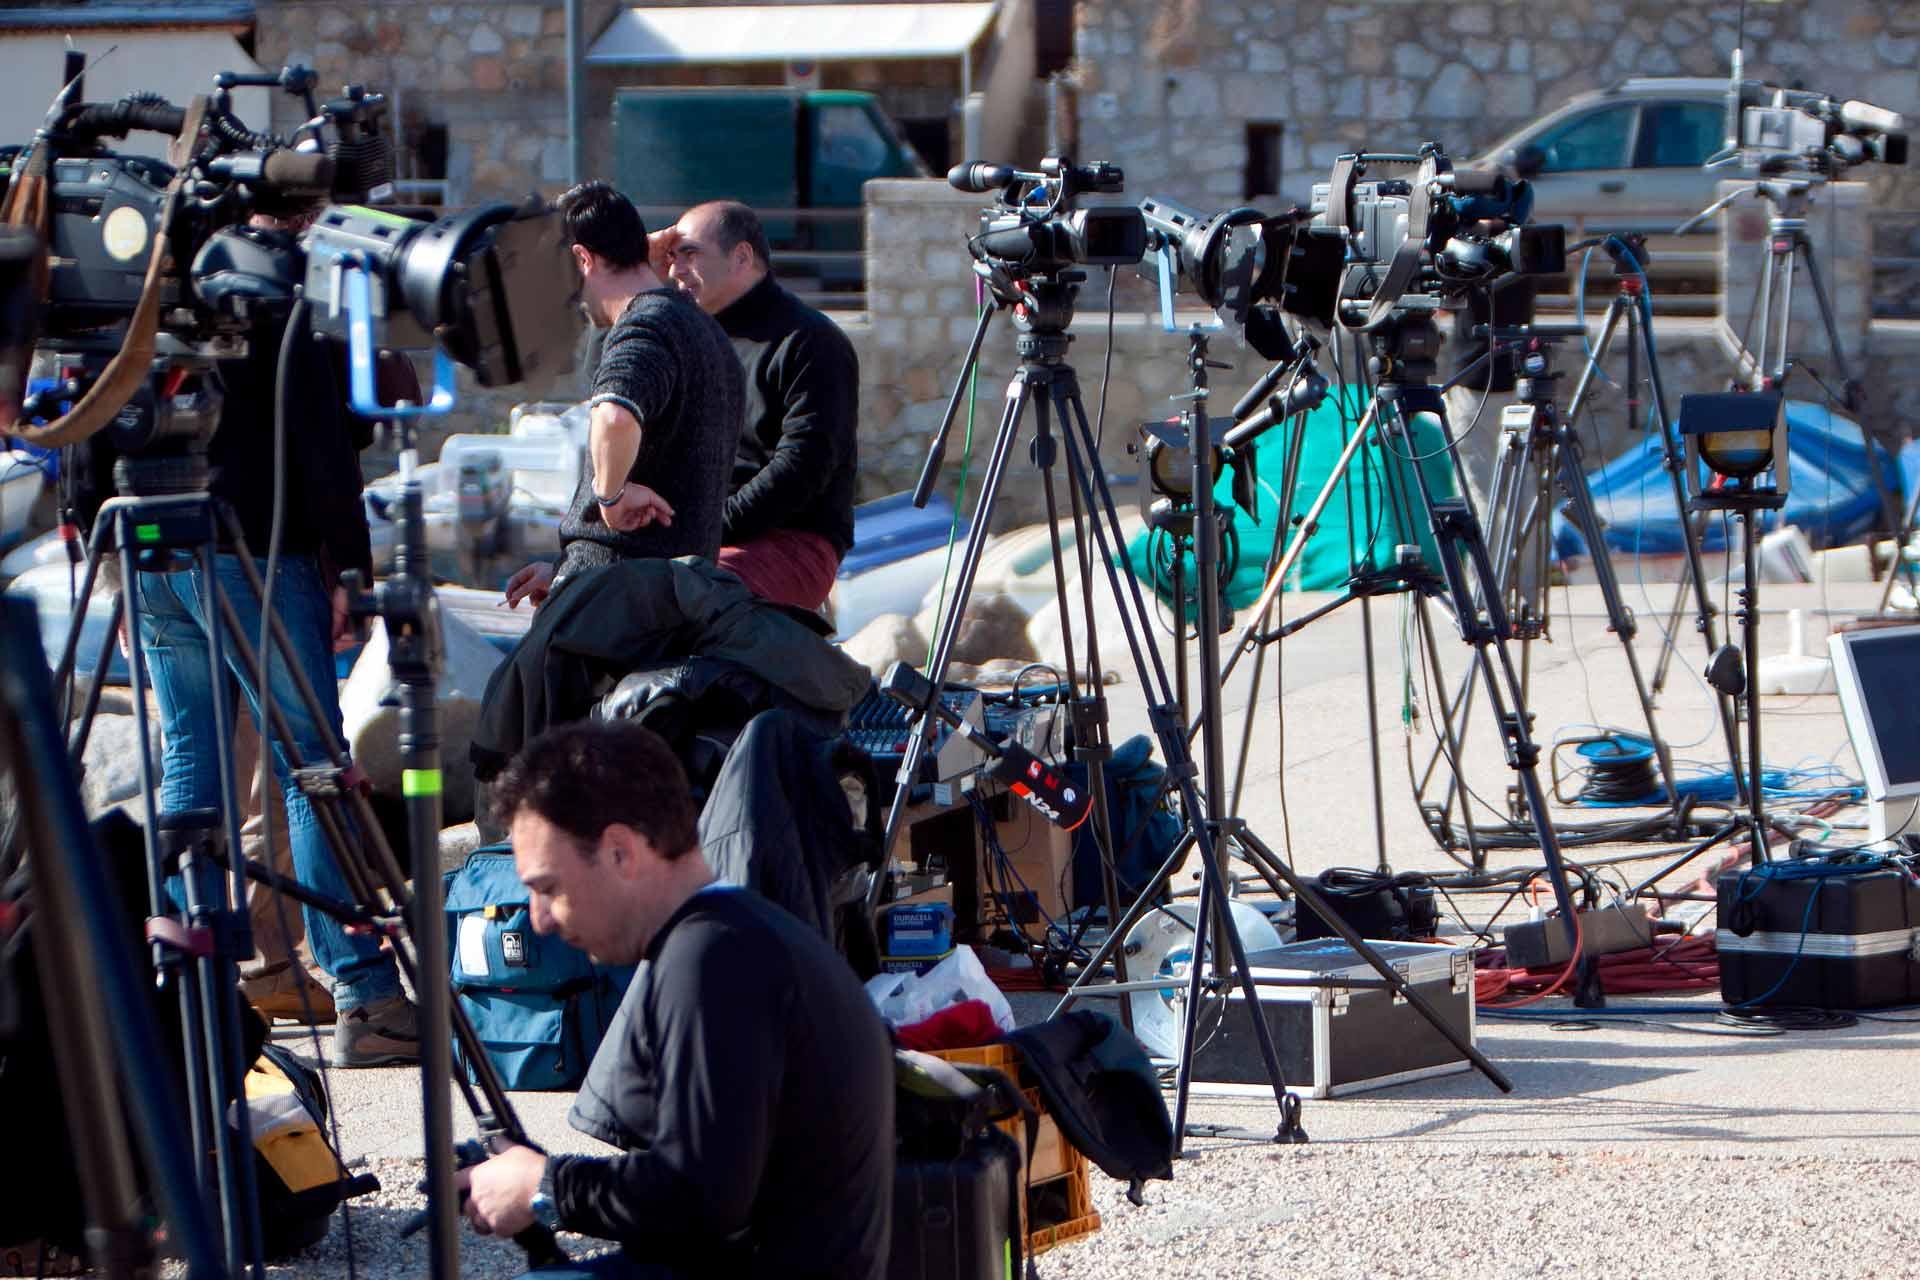 Lo sciacallaggio mediatico inizi? immediatamente e gli abitanti della piccola isola del Giglio hanno dovuto fare spazio non solo ai naufraghi, ma anche ai giornalisti e ai curiosi.